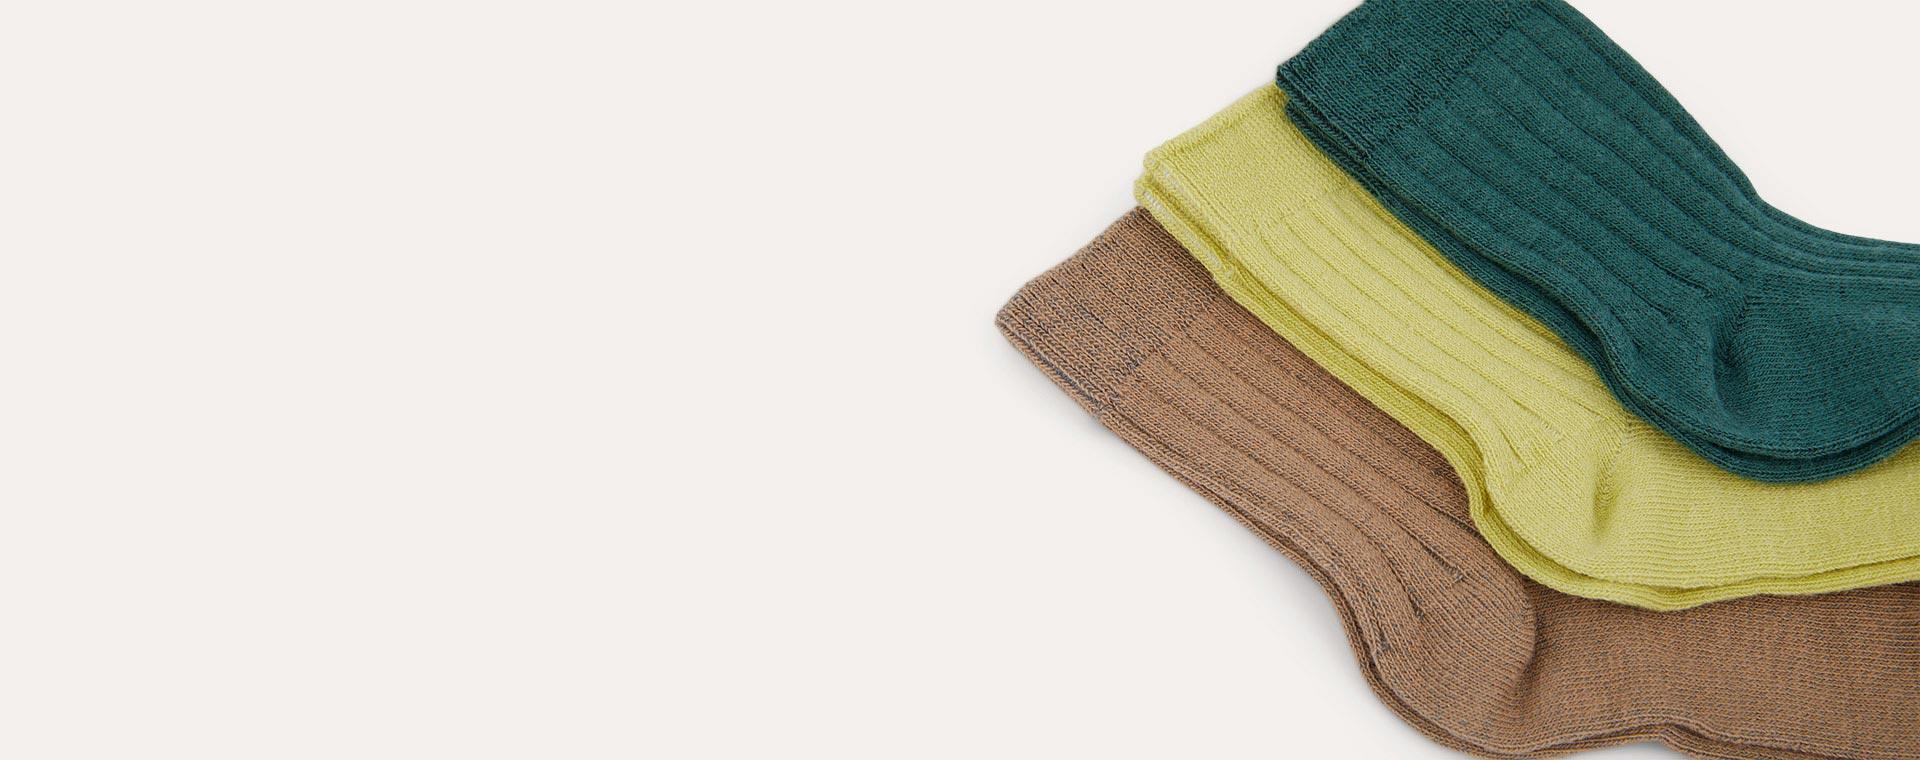 Jungle Mix KIDLY Label 3-Pack Socks